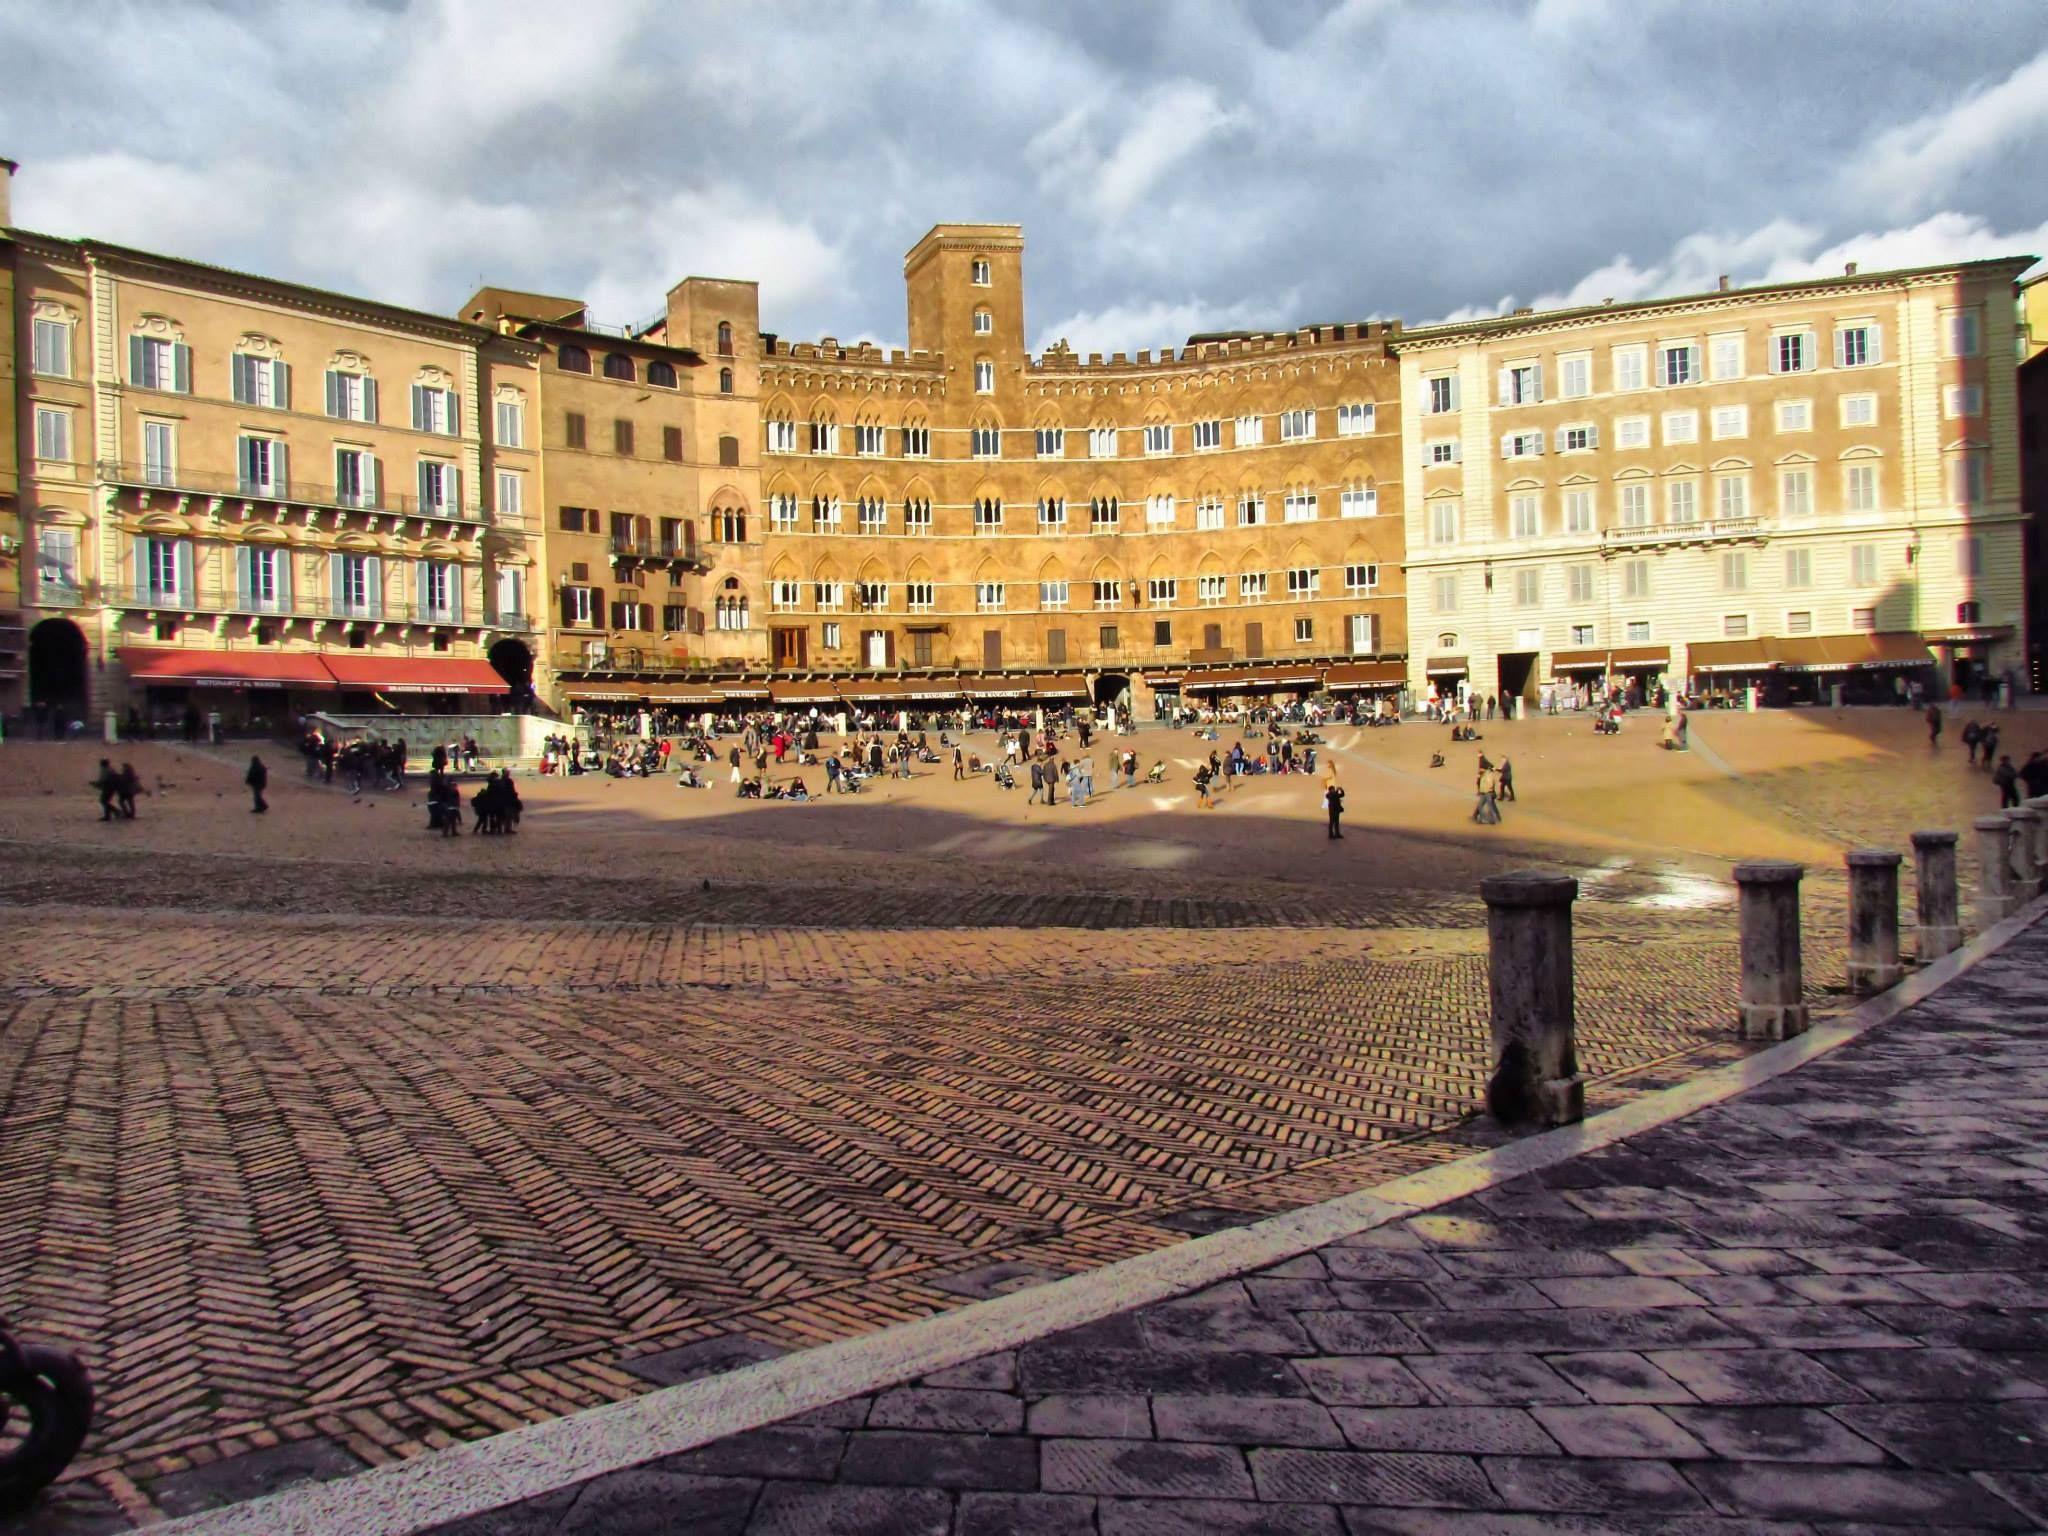 29 Piazza Del Campo Siena Toscana Foto Di Tiziana Milioto